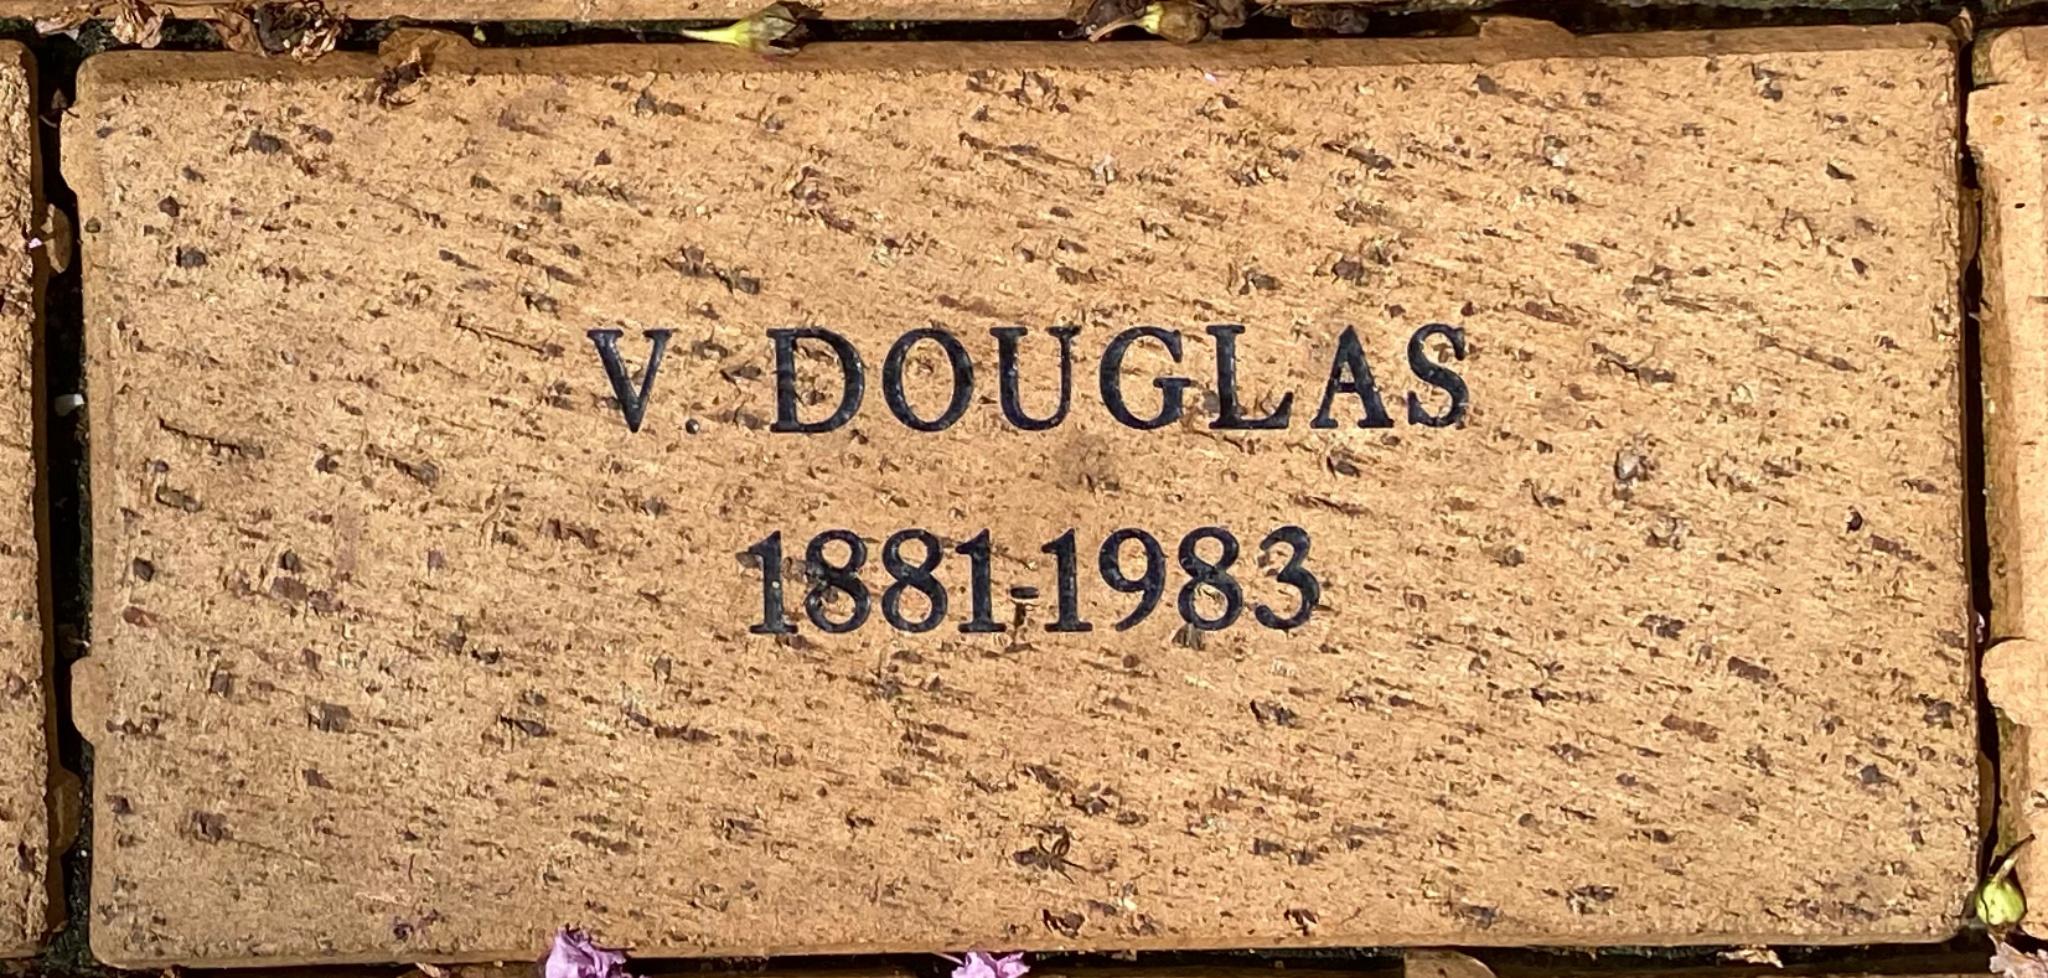 V. DOUGLAS 1881- 1983